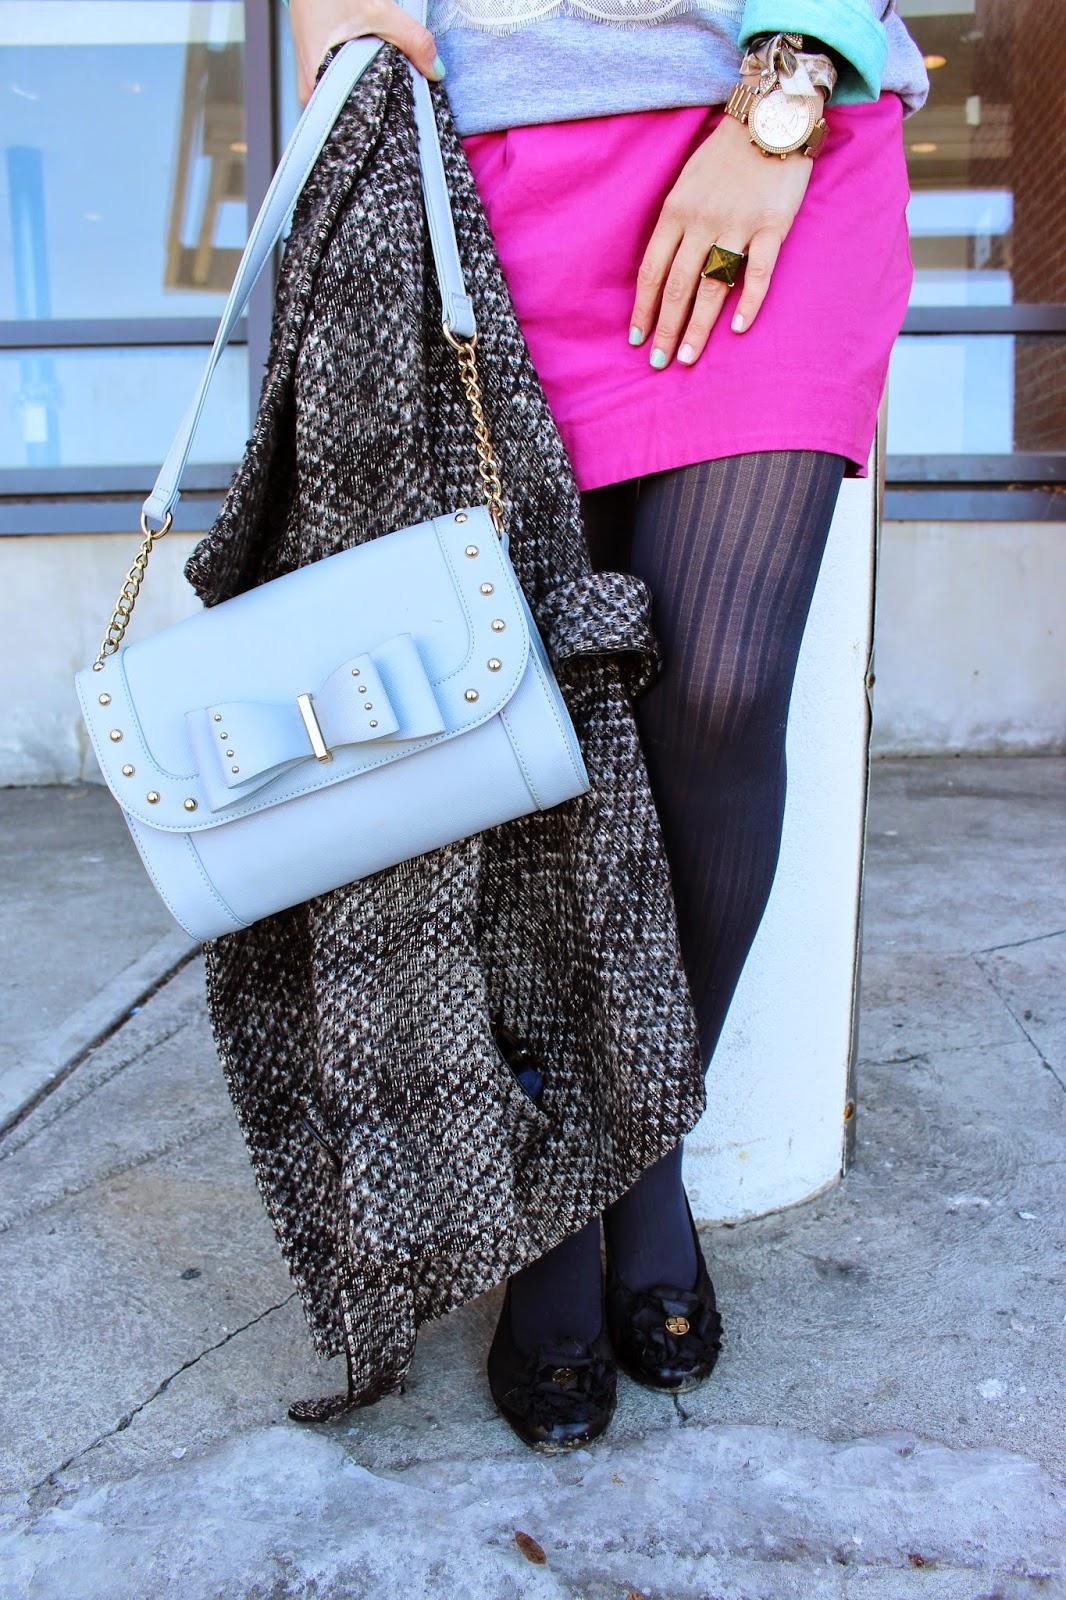 bijuleni - bow handbag